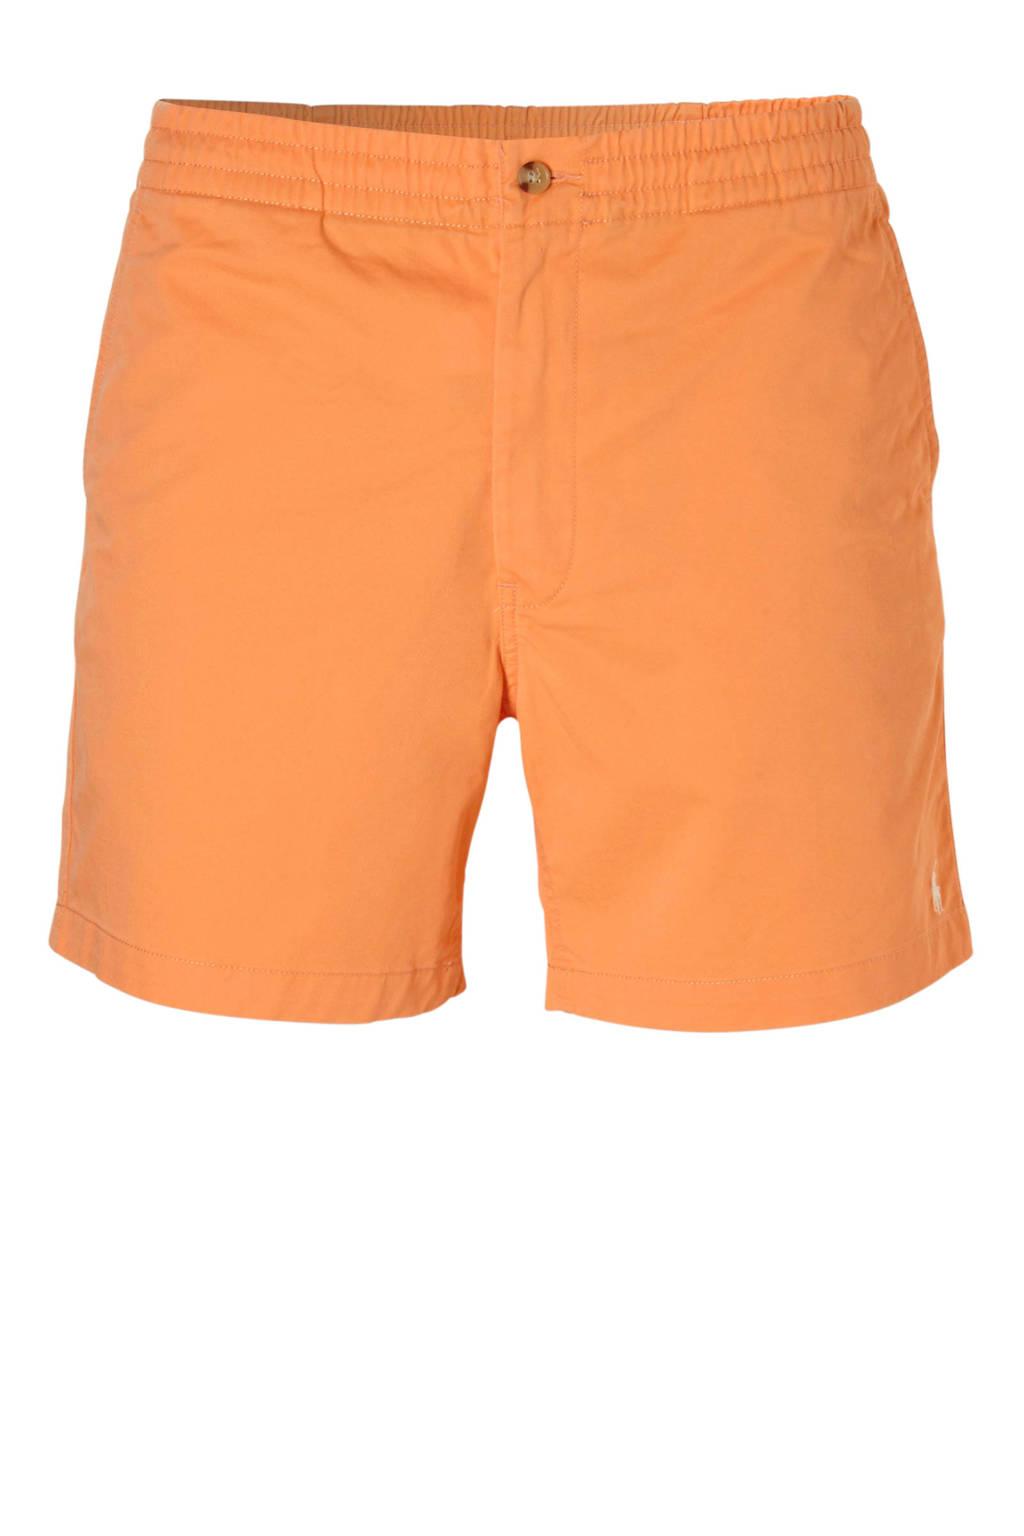 POLO Ralph Lauren bermuda oranje, Oranje